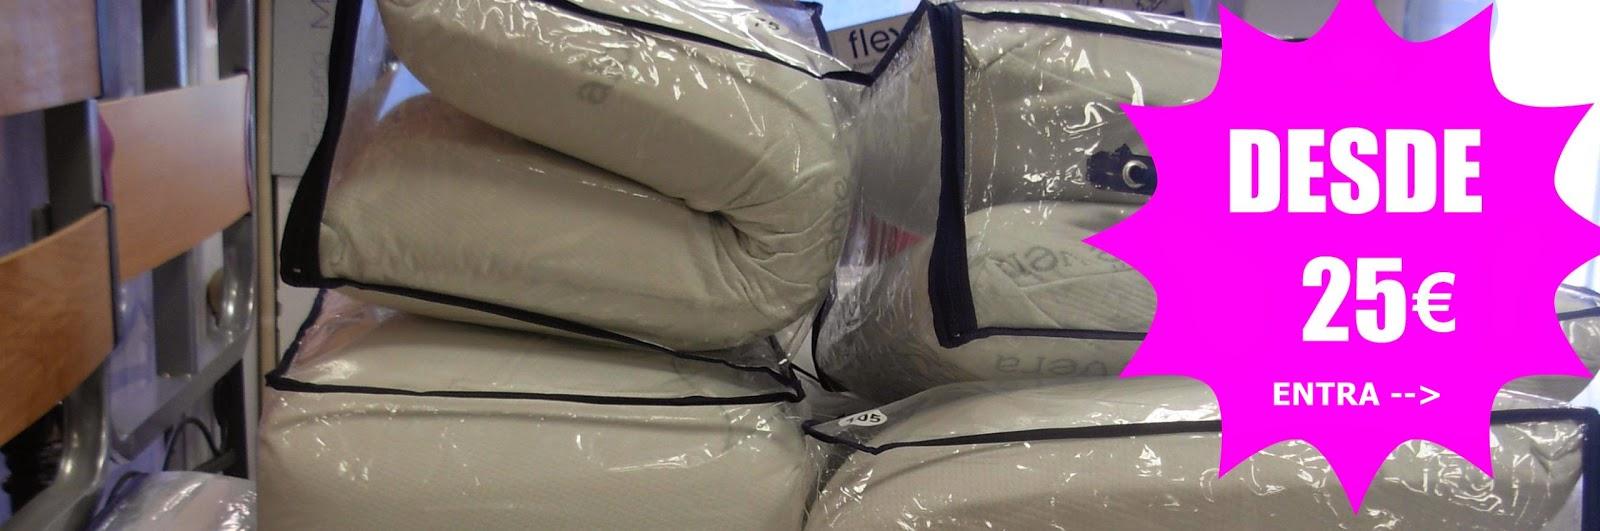 Almohadas de viscoelástica desde 25€